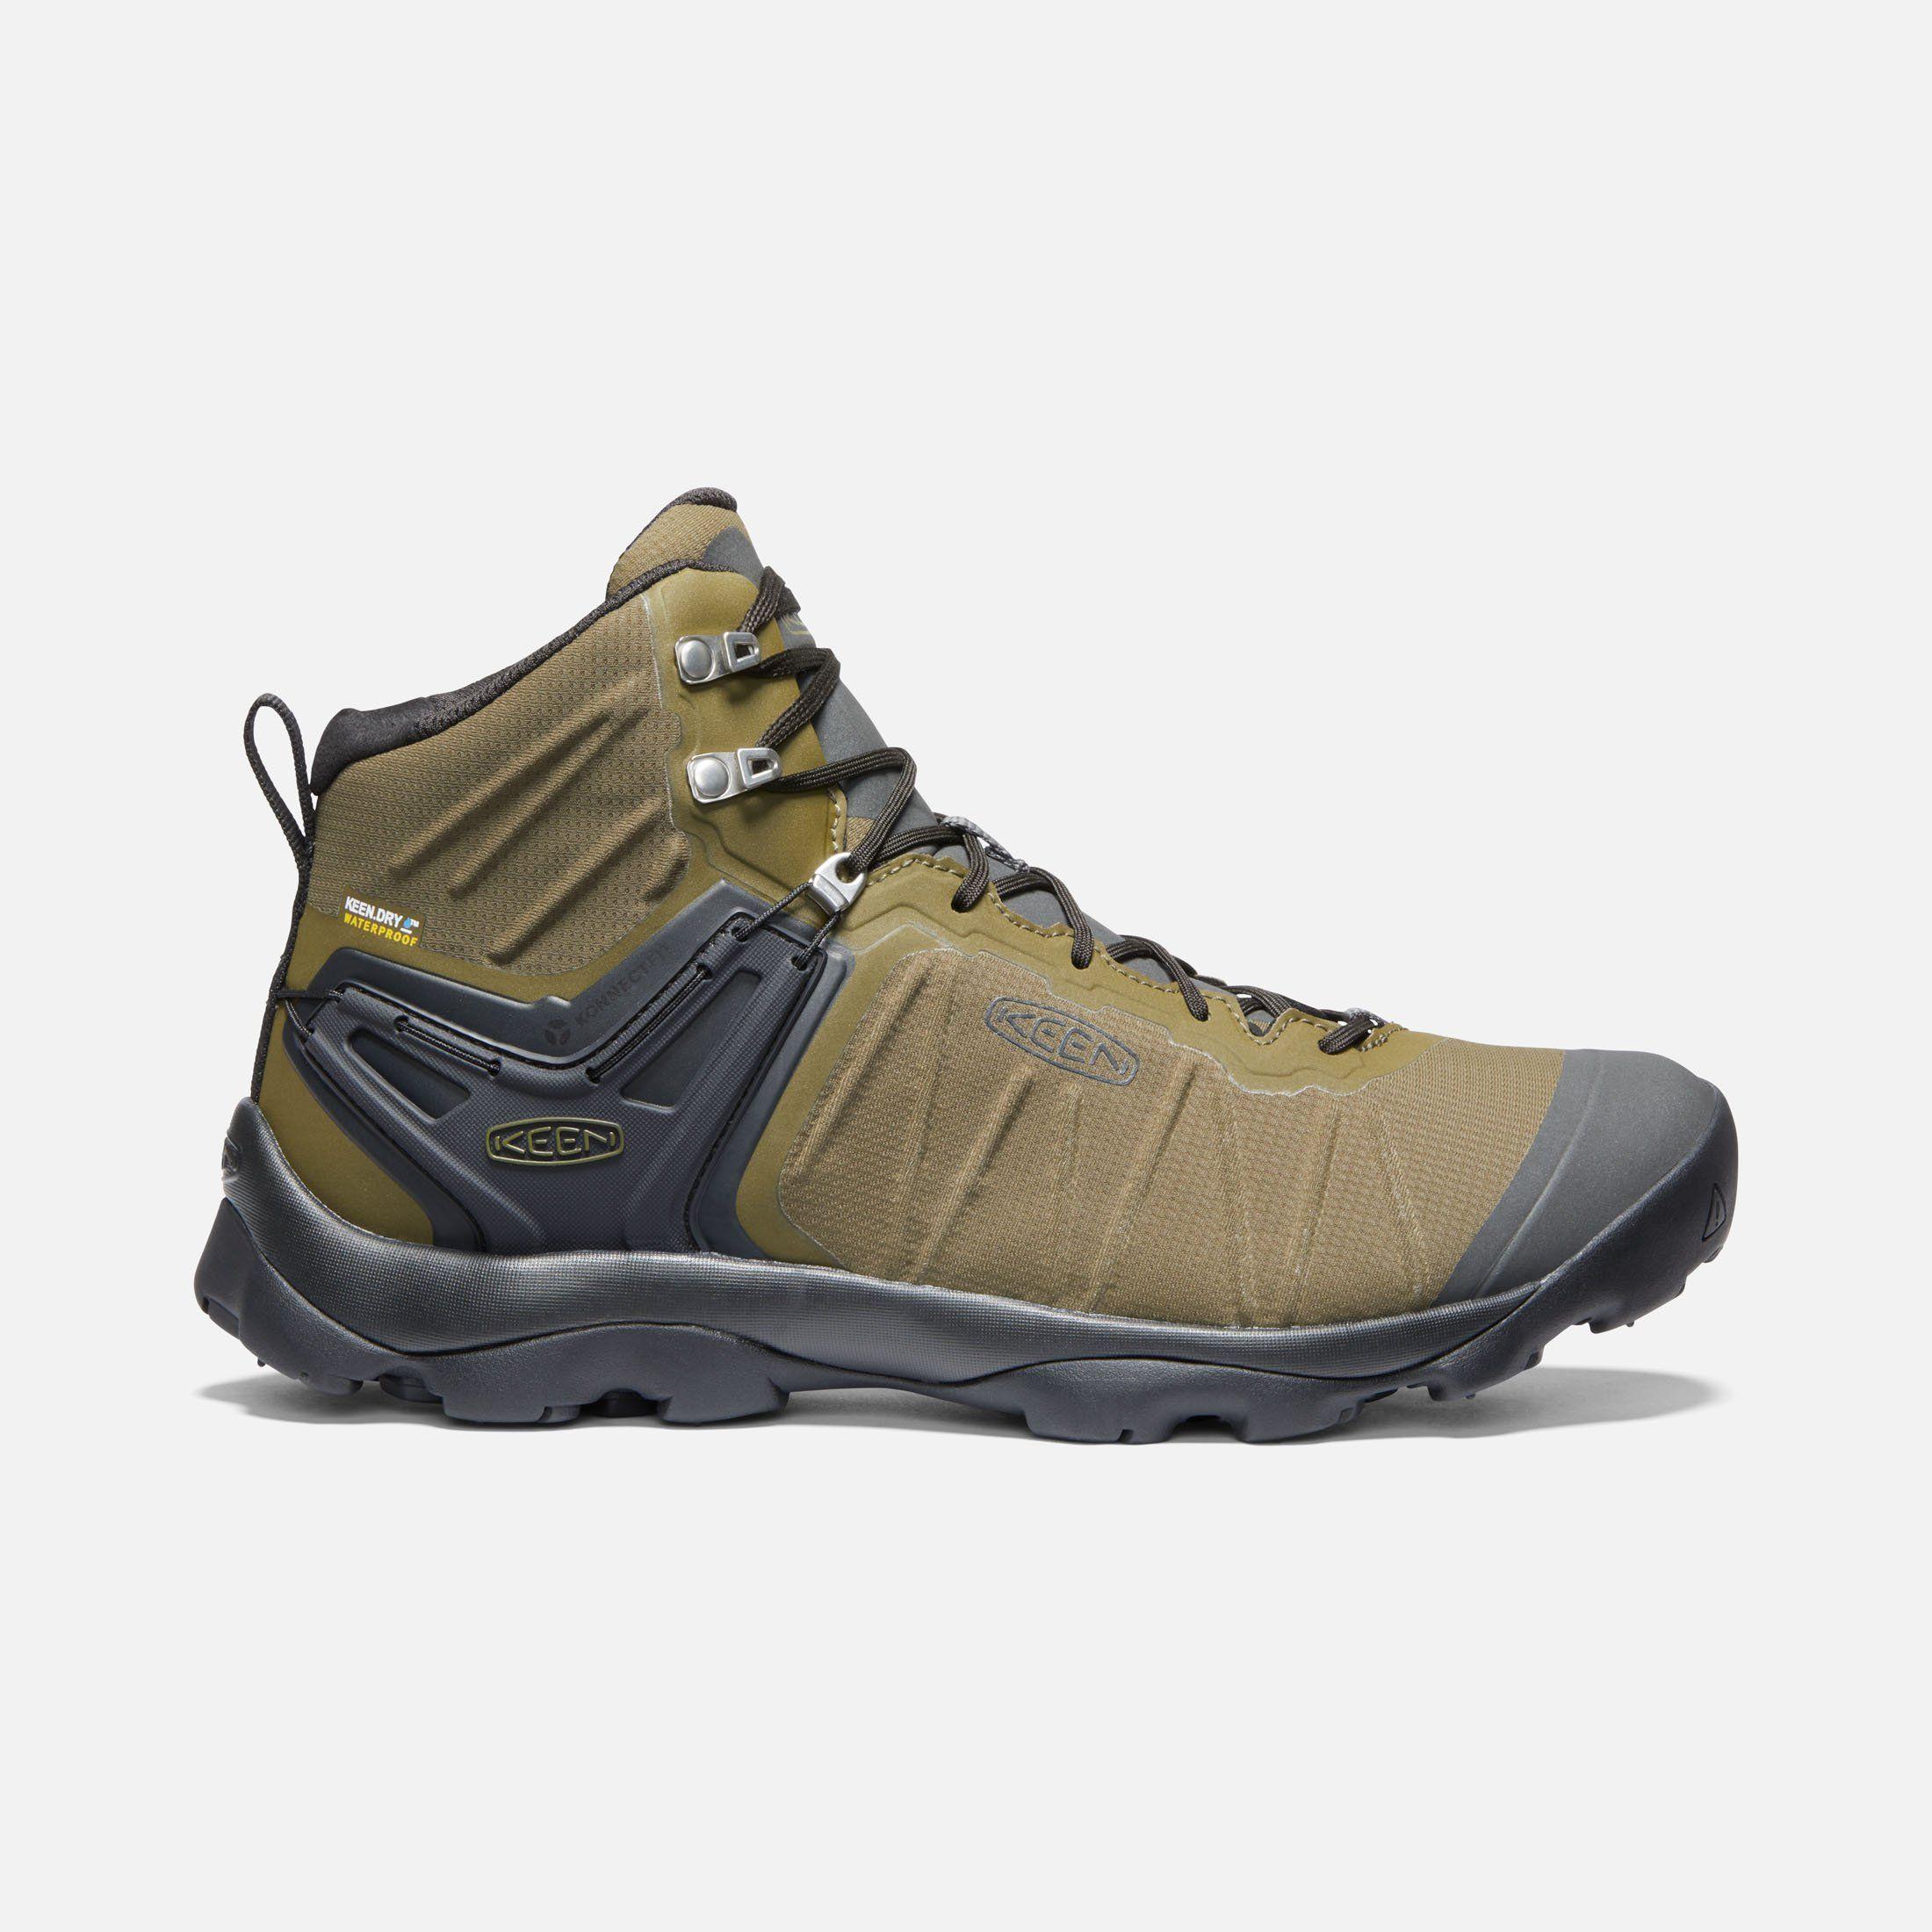 Keen Men S Waterproof Hiking Boots Venture Mid 7 5 Dark Olive